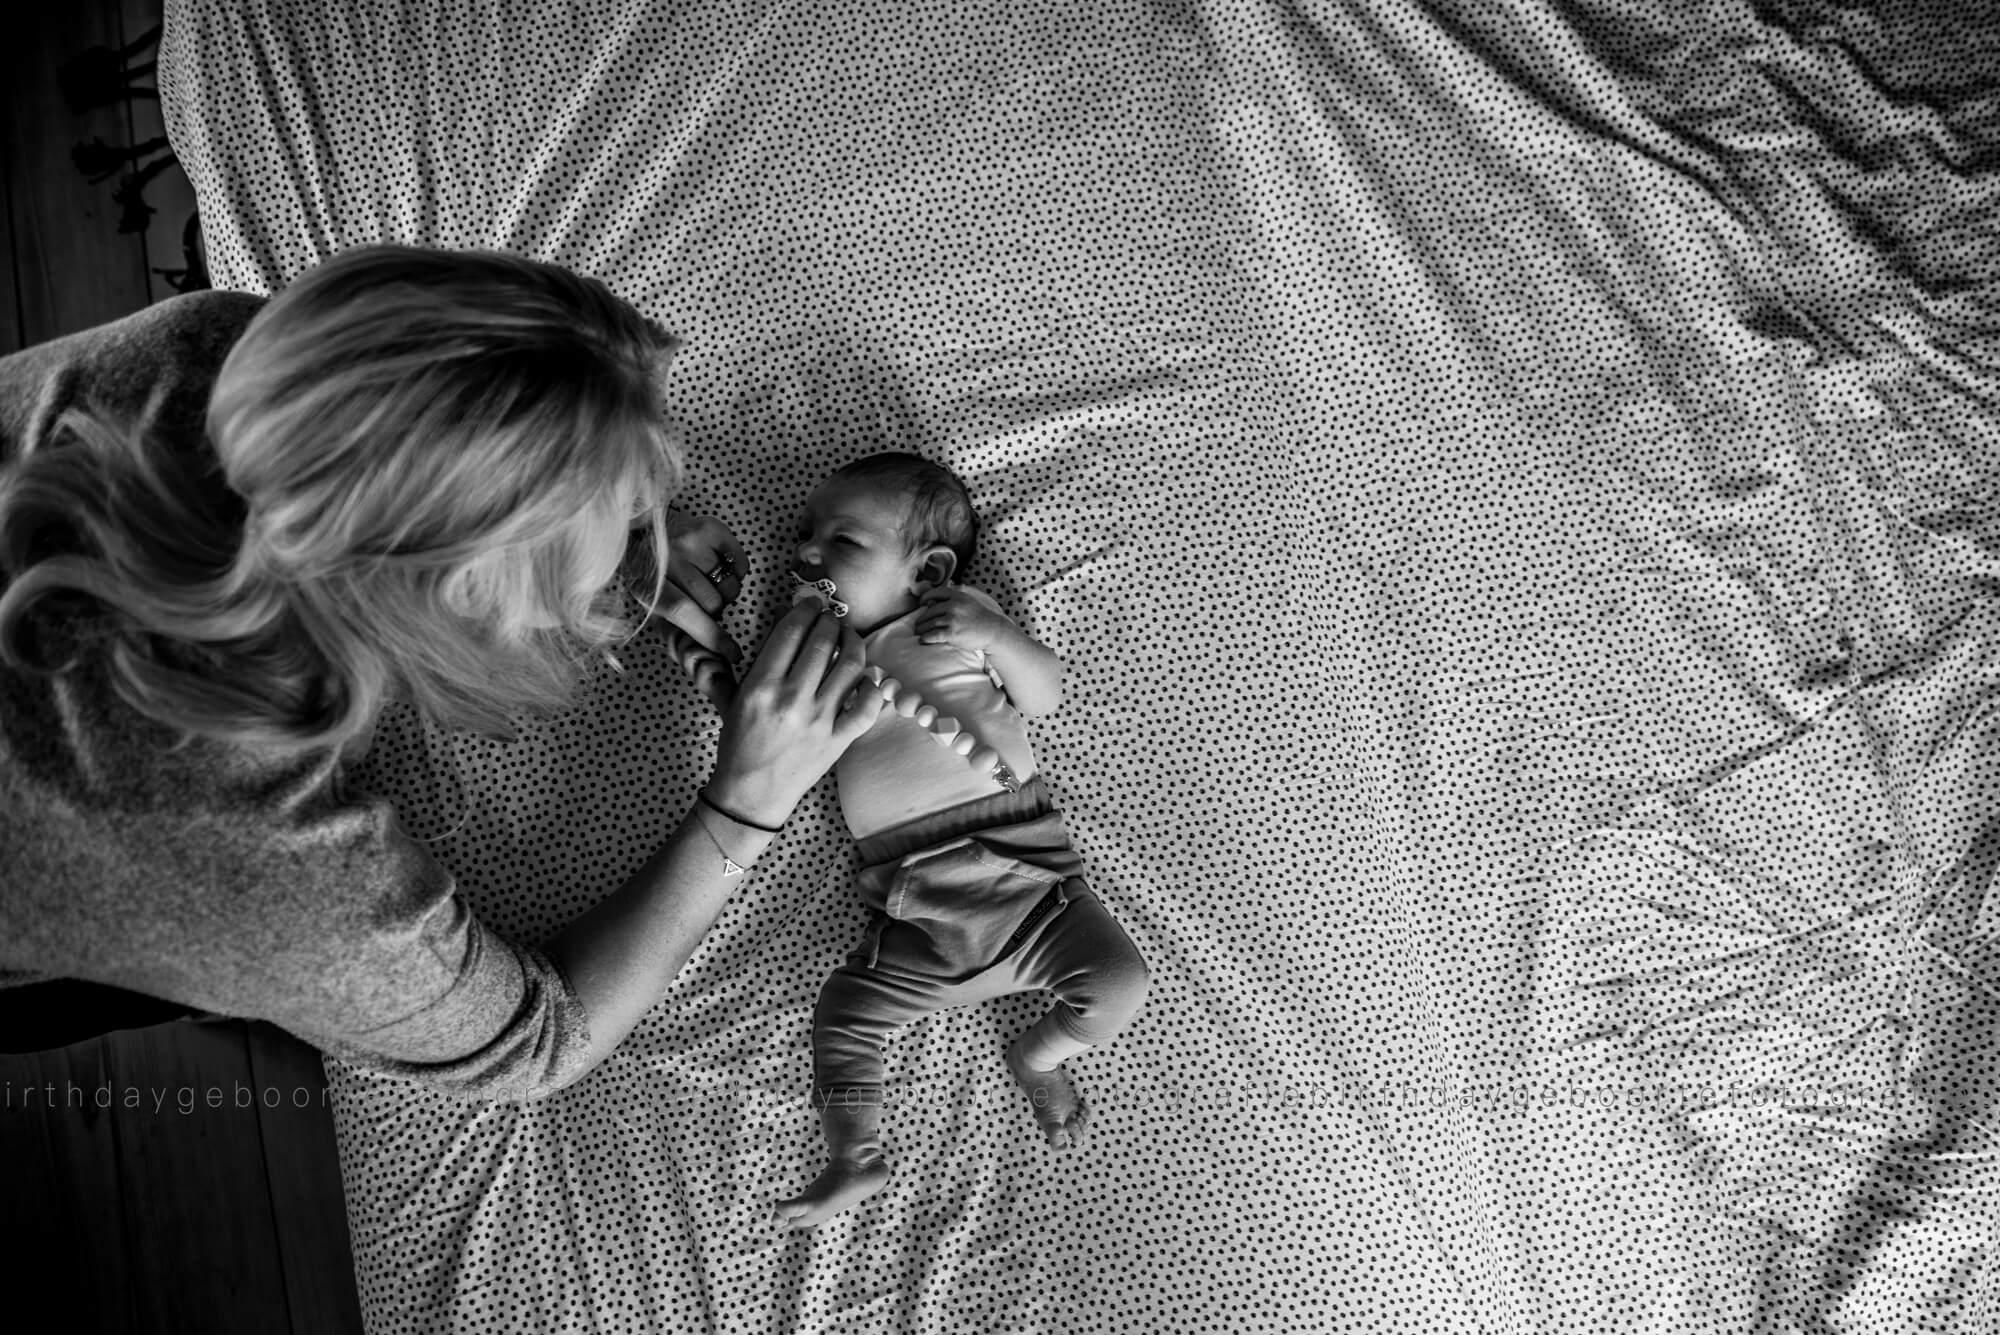 newbornfotografie newbornreportage mill